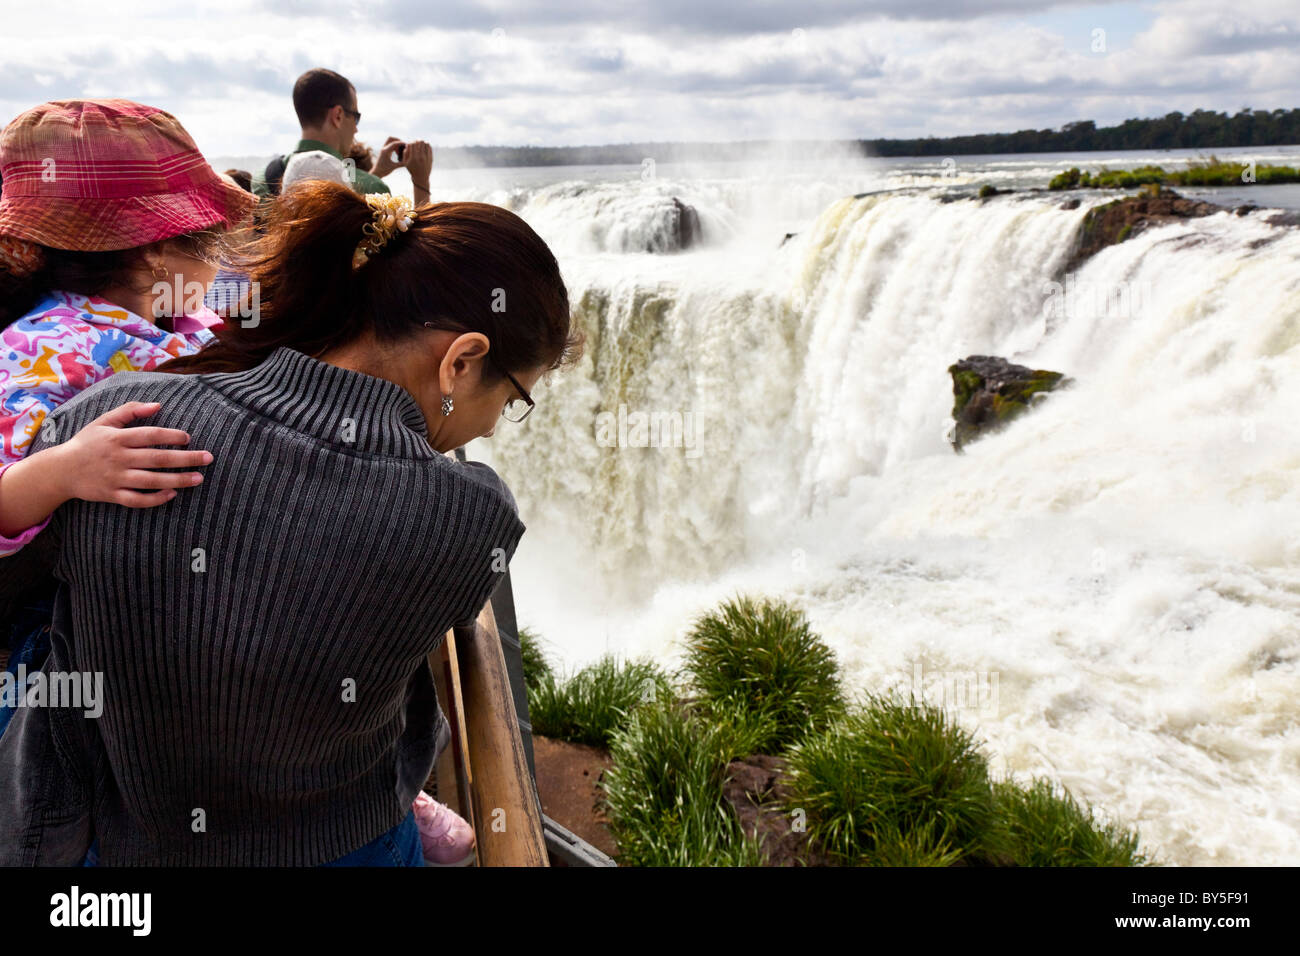 La Garganta del Diablo de Iguazu Falls vu de Misiones, Argentine. Banque D'Images